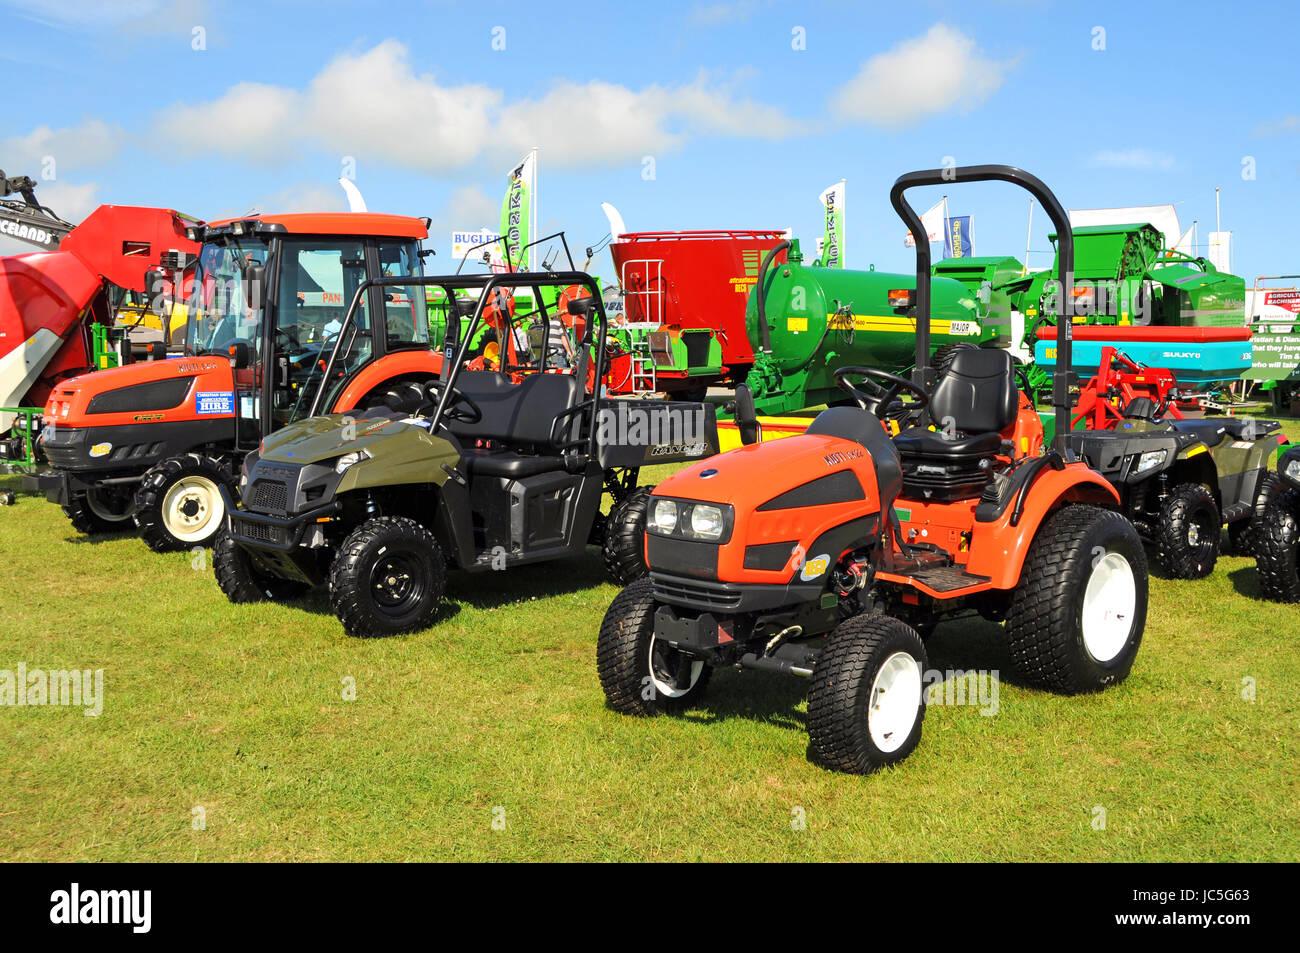 Agricoltura veicoli agricoli Macchinari Impianti noleggio mostra di vendita Immagini Stock